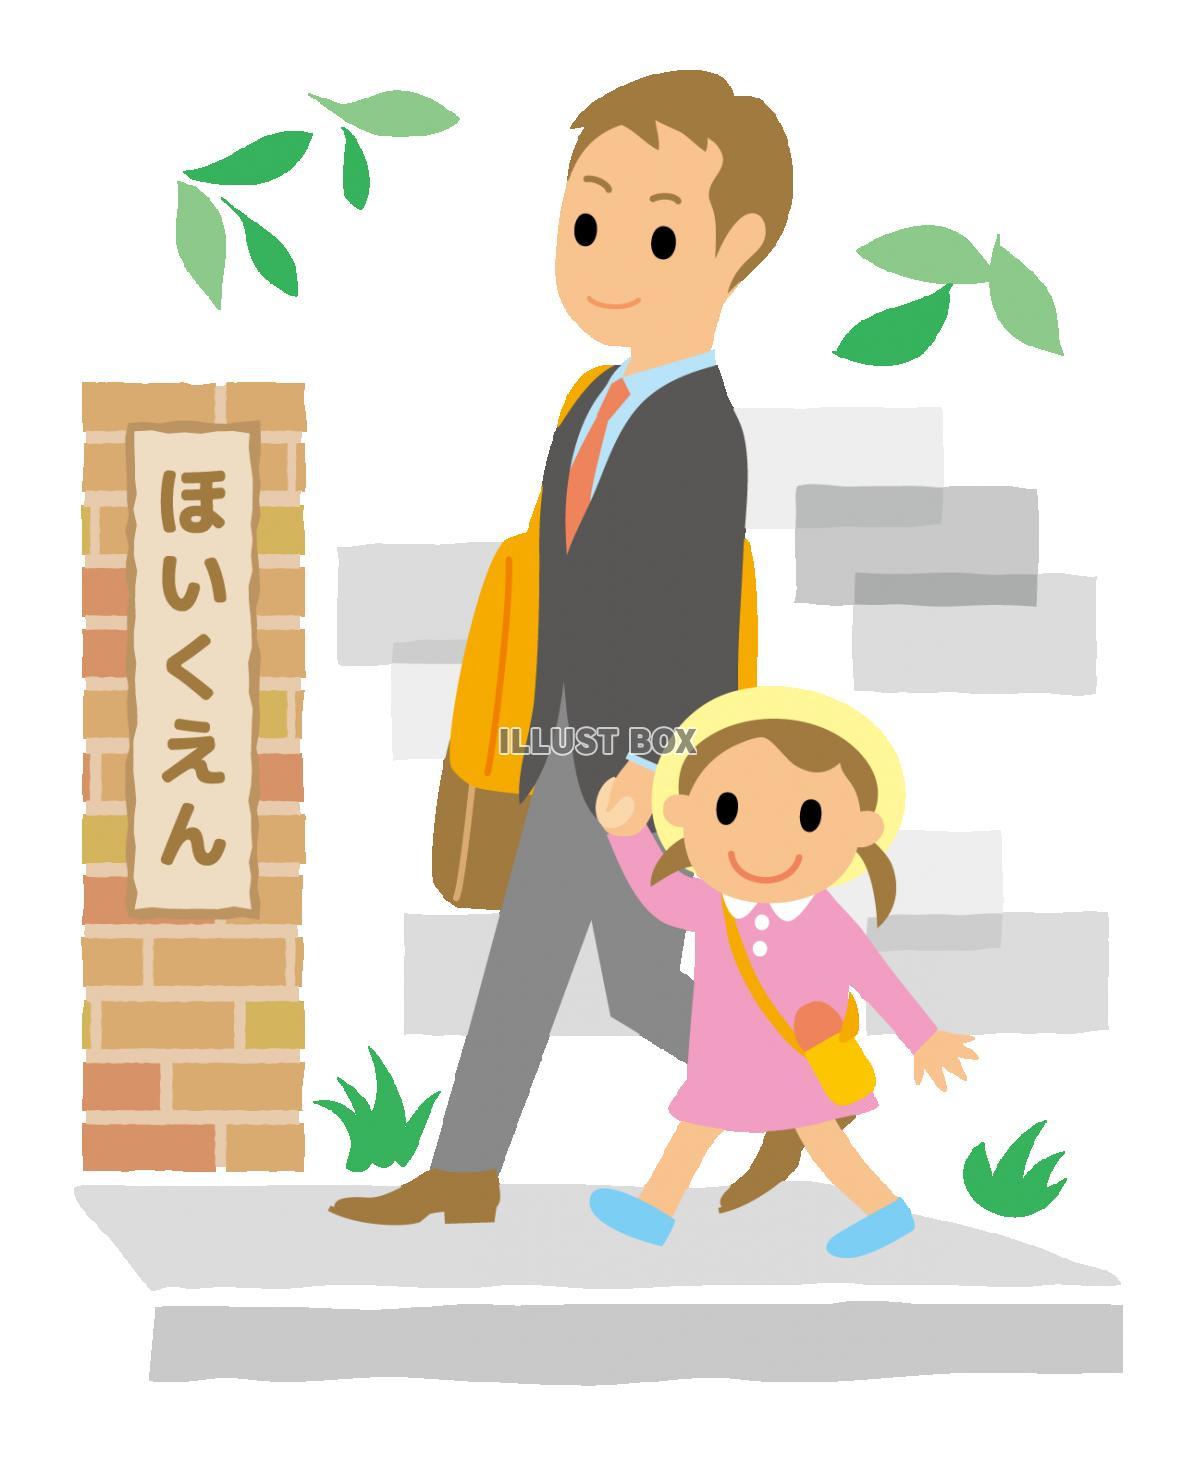 無料イラスト パパと手をつなぐ園児幼児徒歩で保育園通園保育所登園歩く